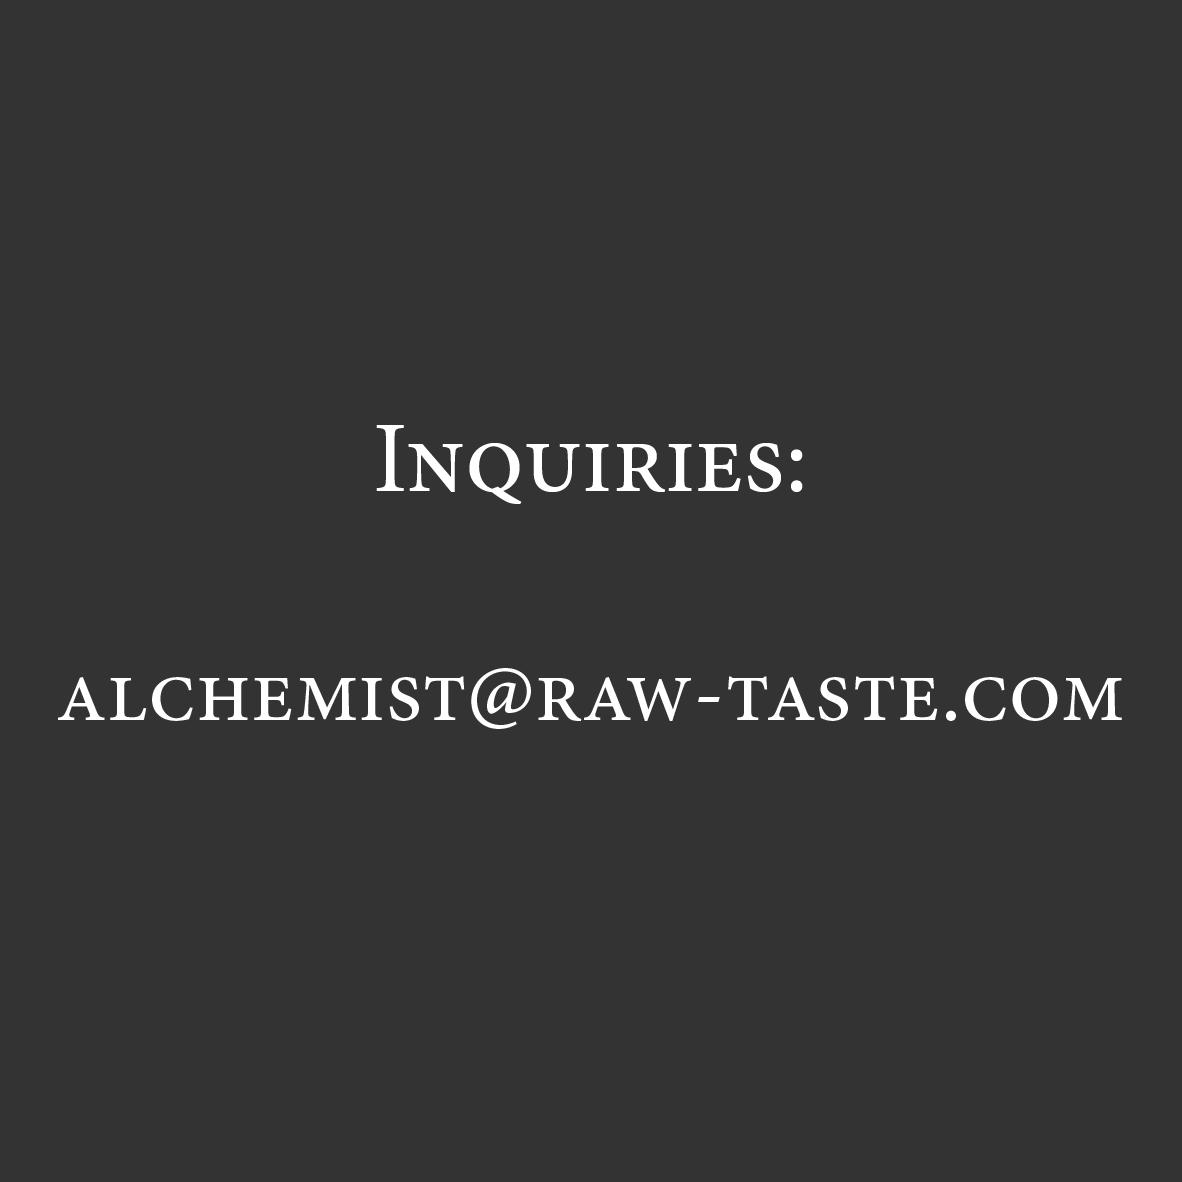 inquiries alchemist.png